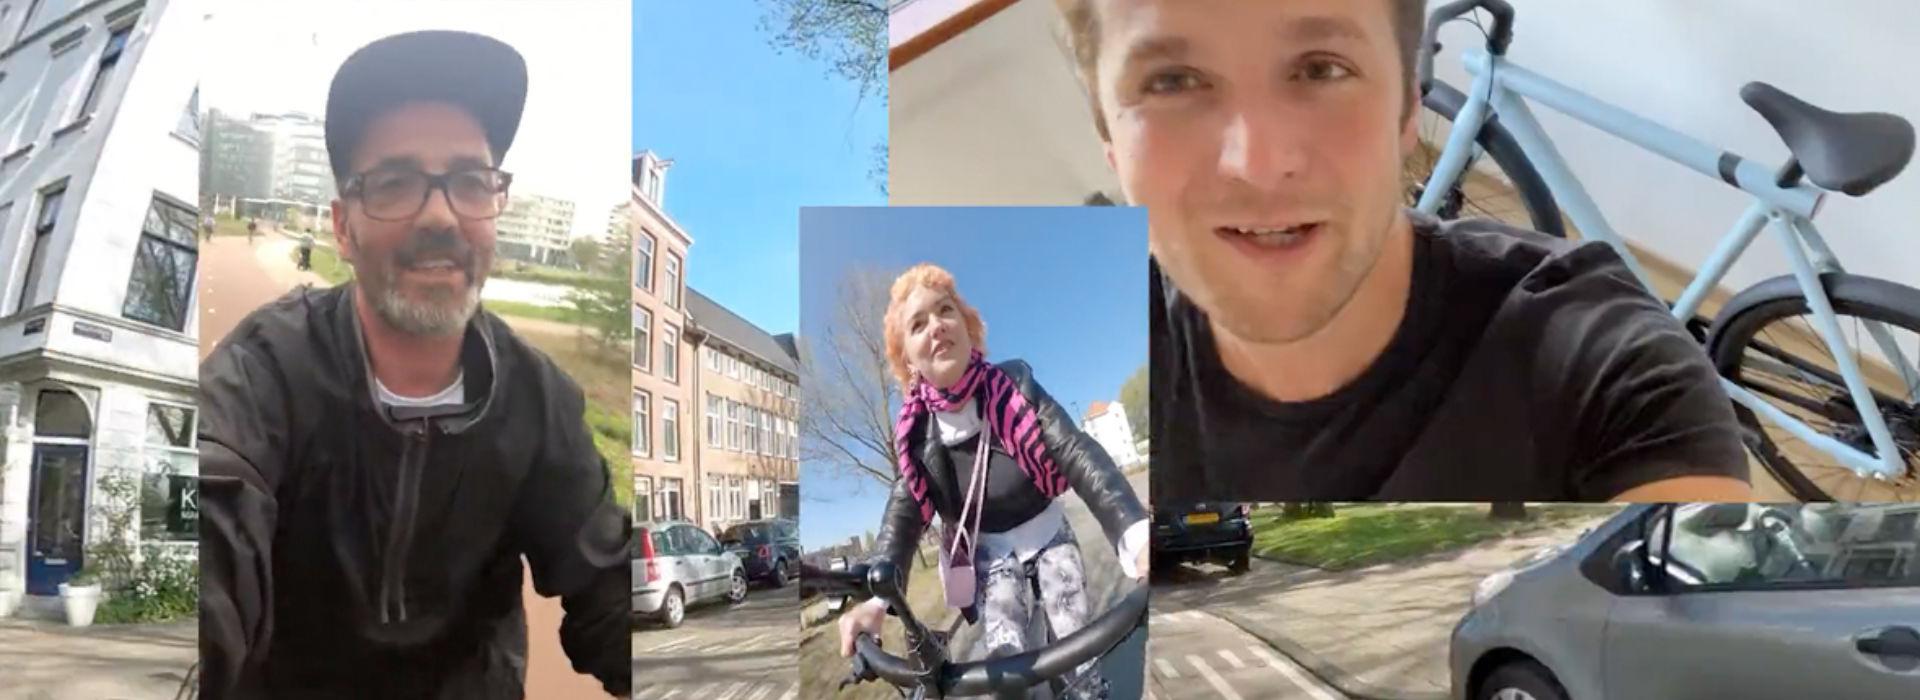 *Riding the future:* Les premiers riders des VanMoof S3 & X3 partagent leur expérience